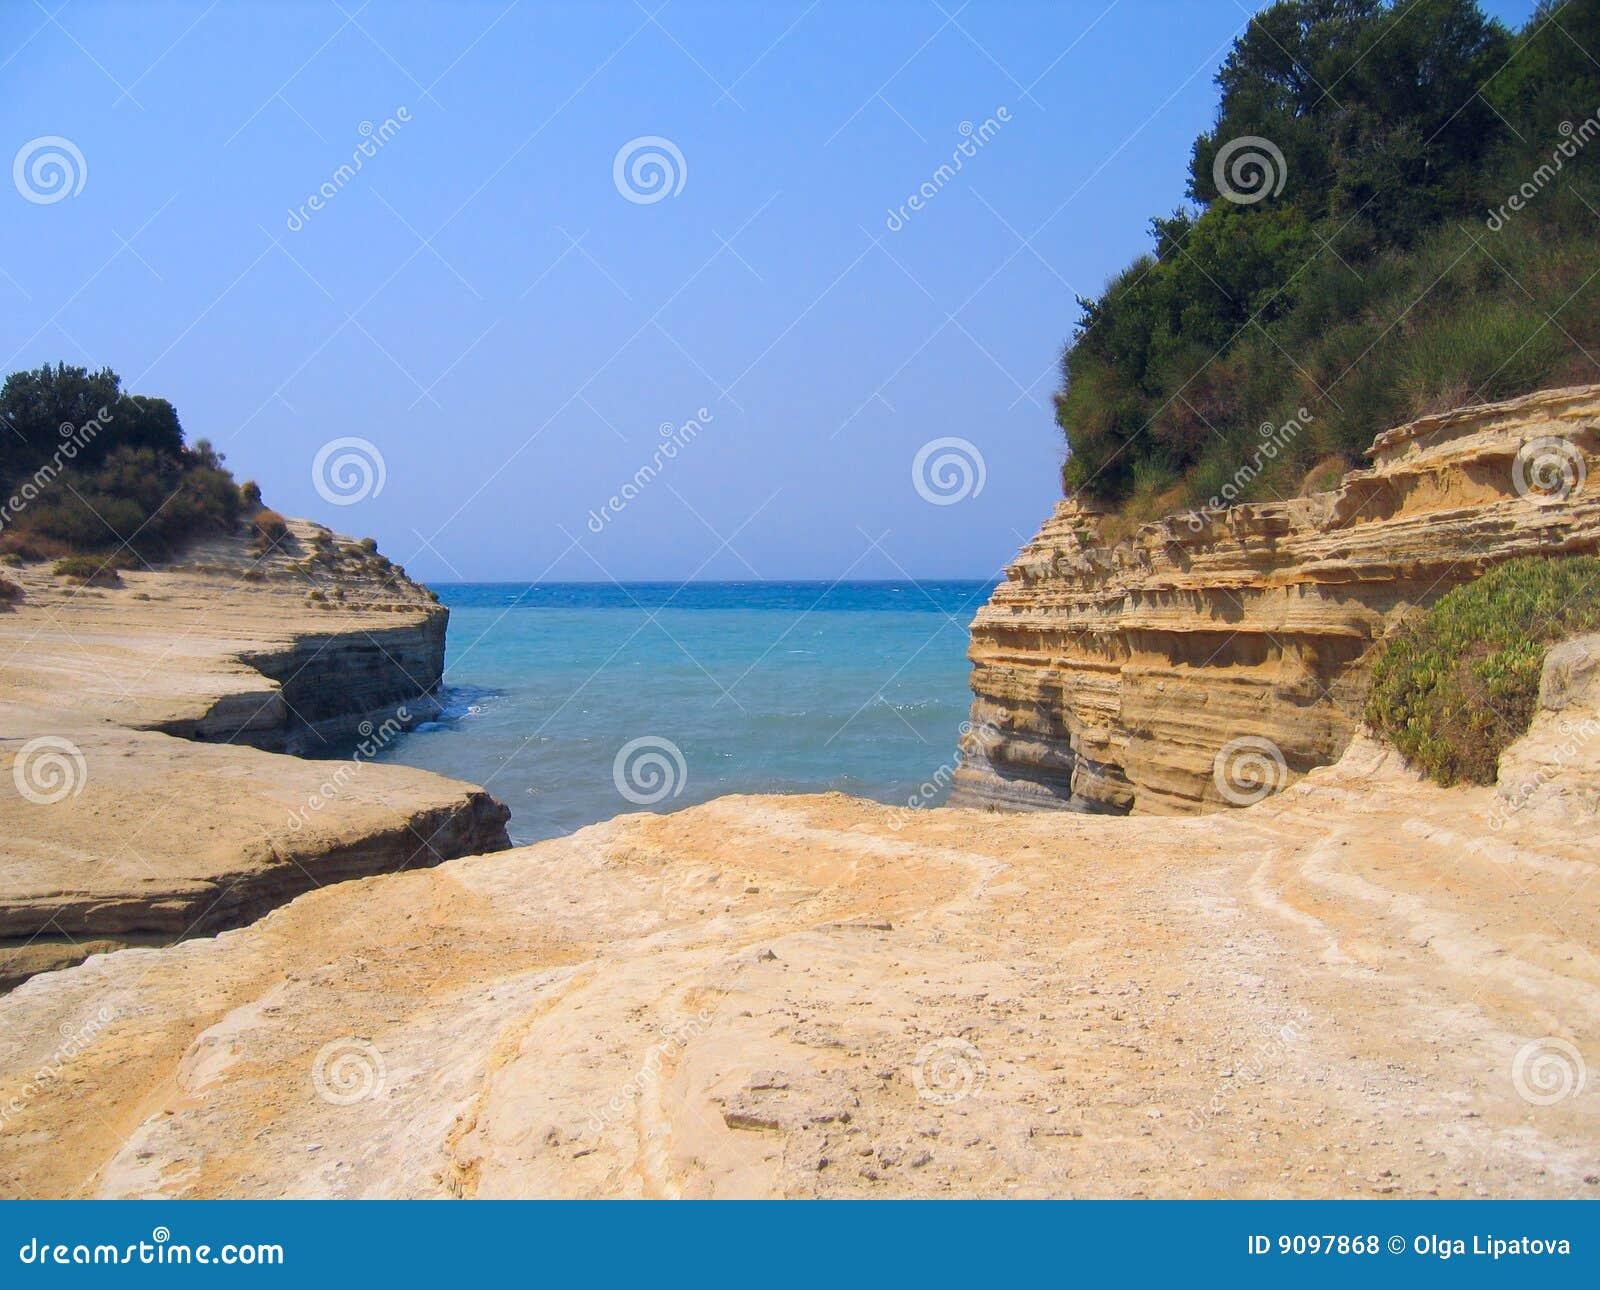 Seaview. Sandsteinklippen und -büsche